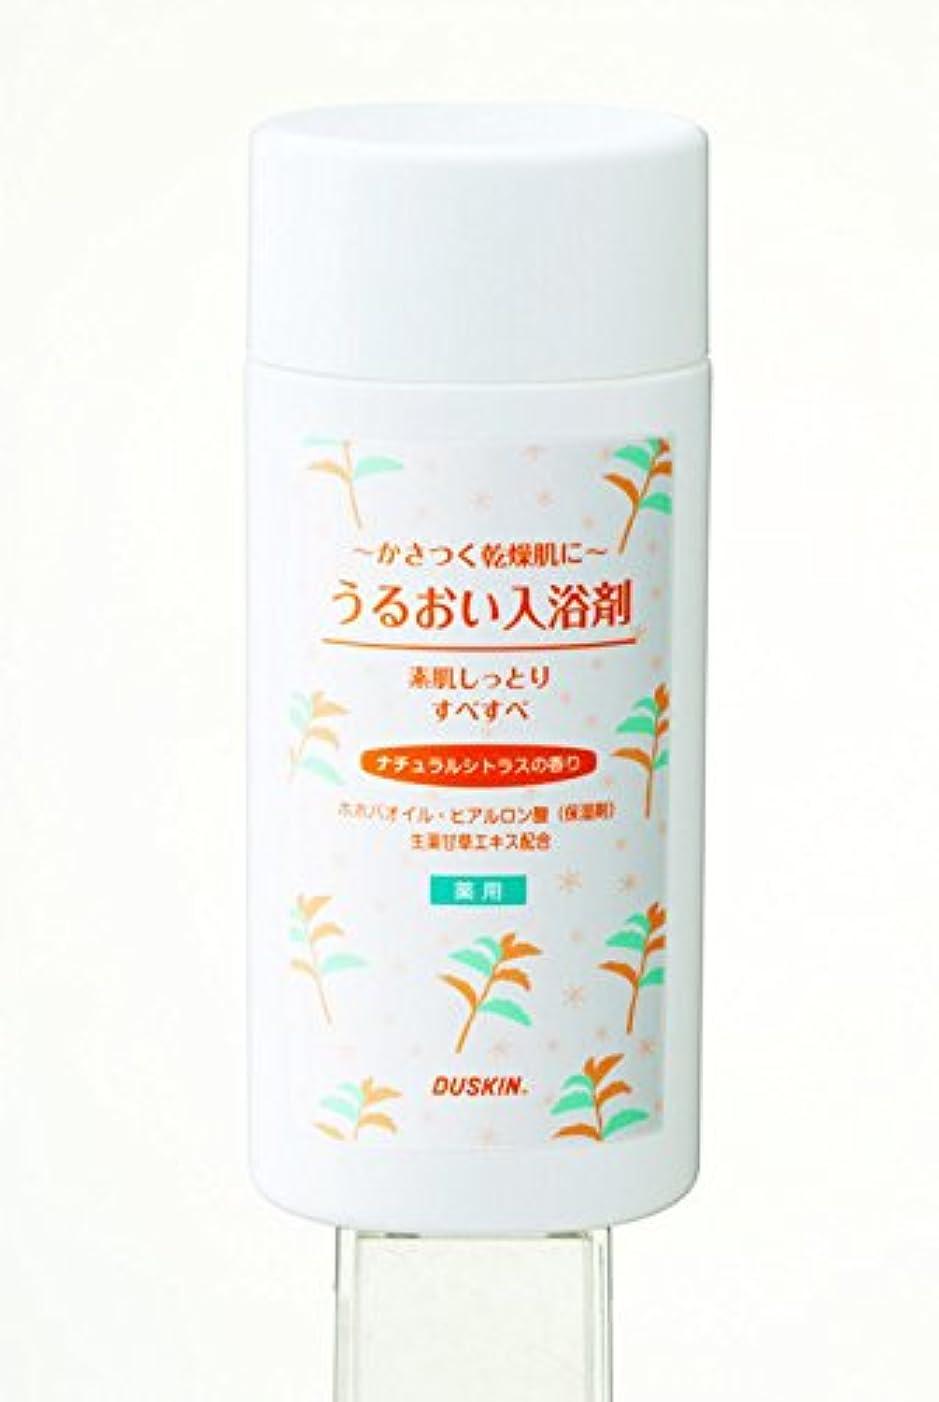 免除する抜粋白雪姫ダスキン うるおい入浴剤 ナチュラルシトラスの香り 濁り湯タイプ300g